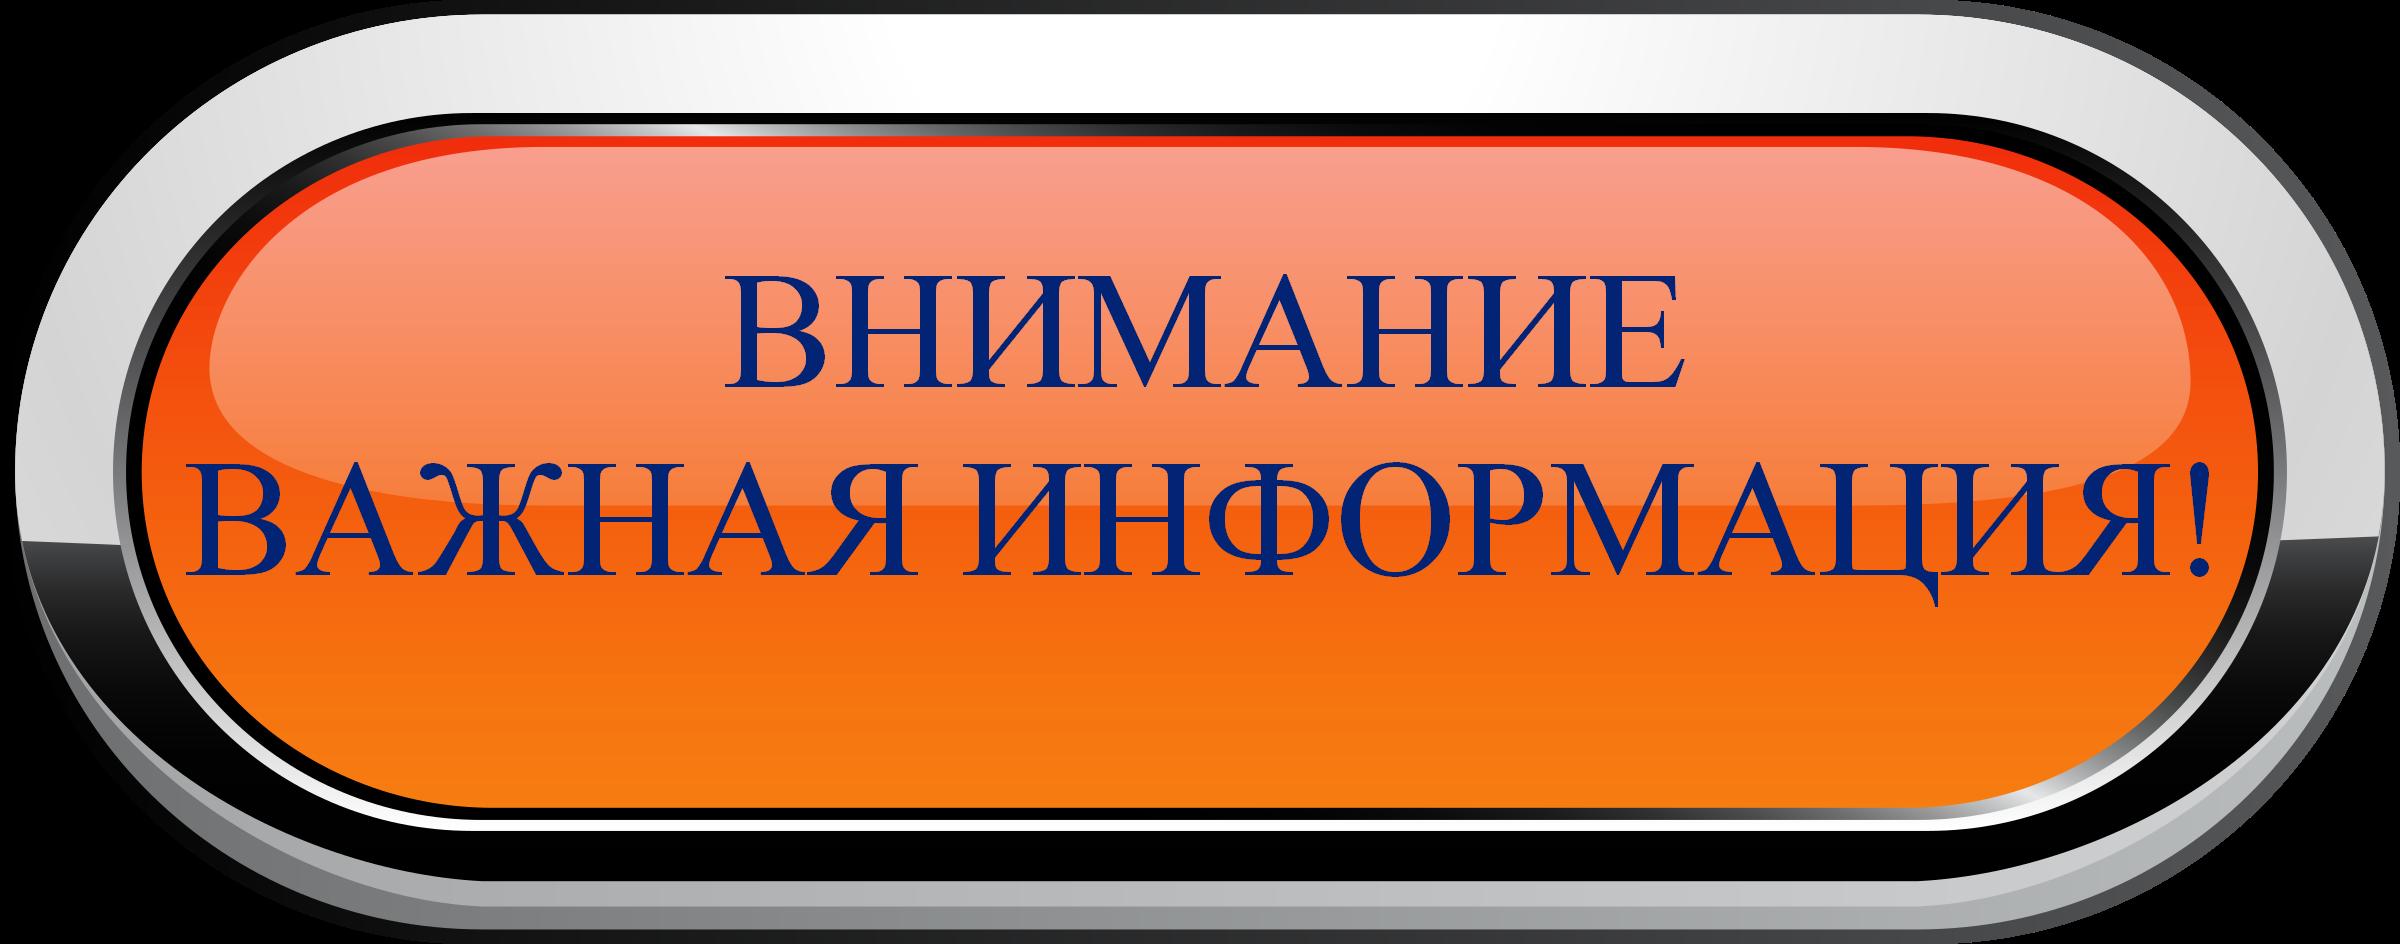 nazvanie-obrashchenie-i-o-ministra-truda-i-sotsialnoj-zashchity-naseleniya-stavropolskogo-kraya-e-v-mamontovoj-k-zhitelyam-stavropolskogo-kraya